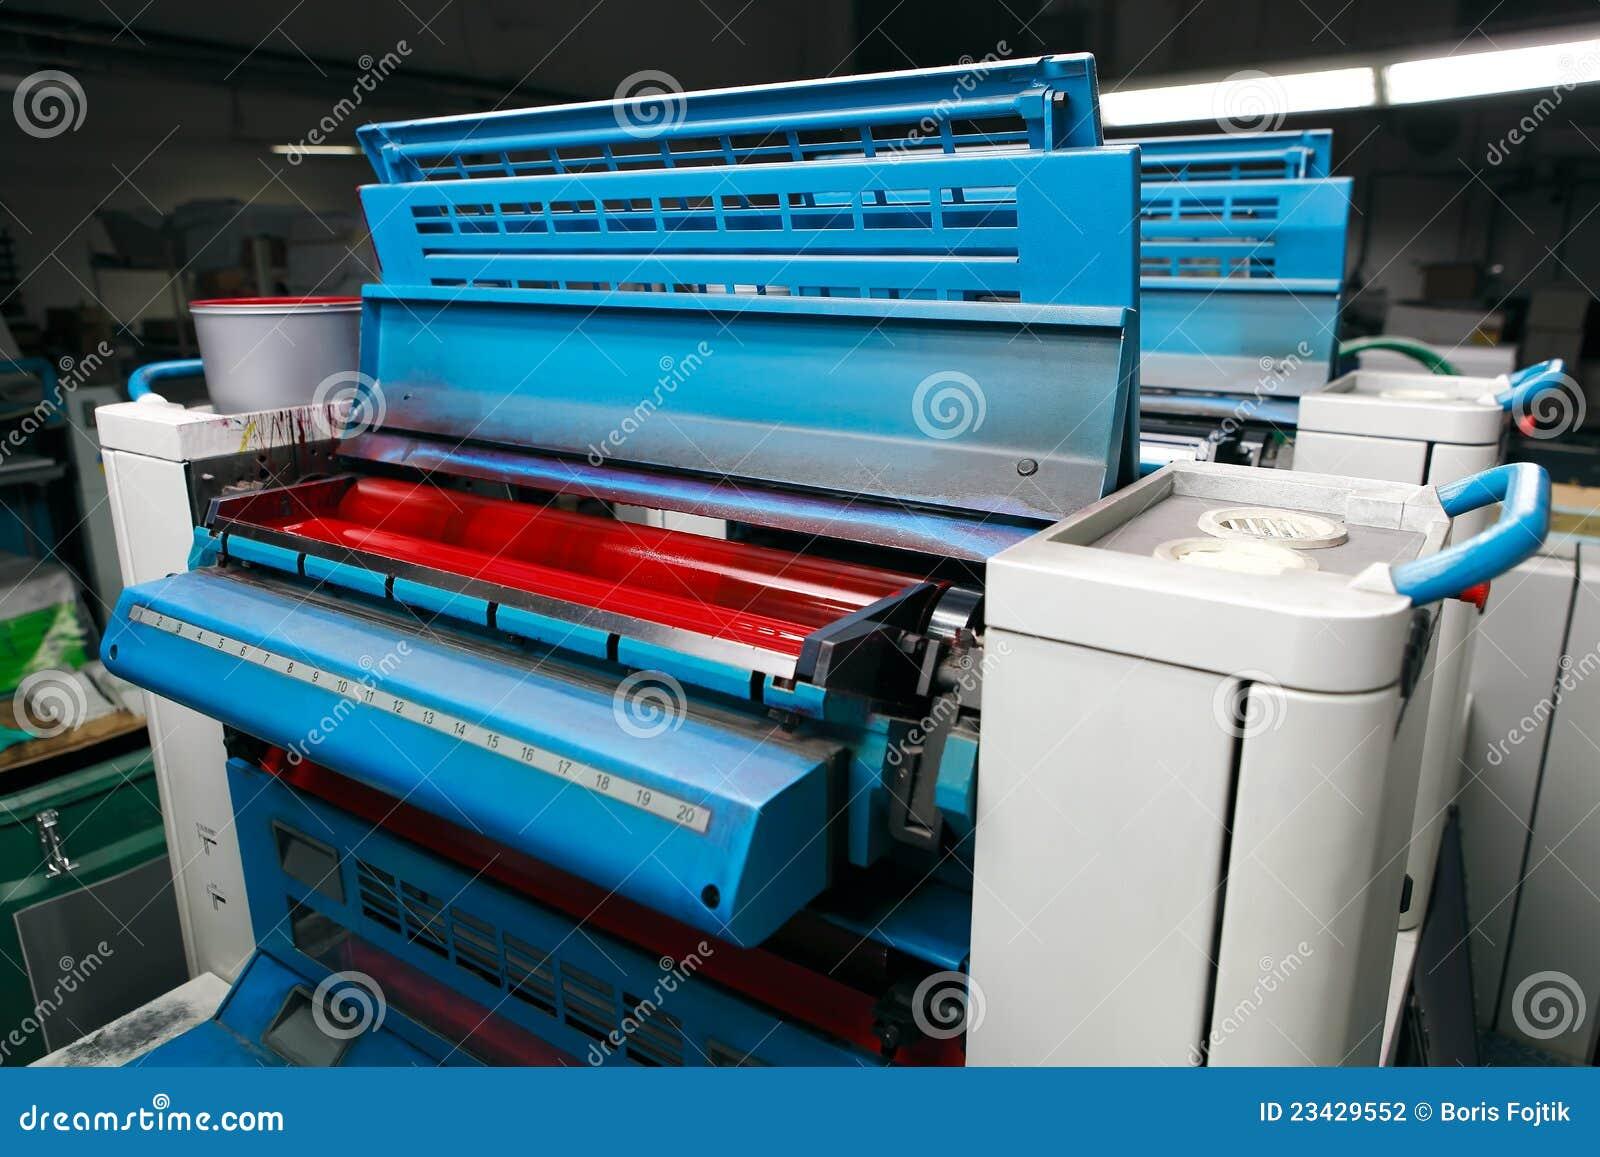 photographic printing machine